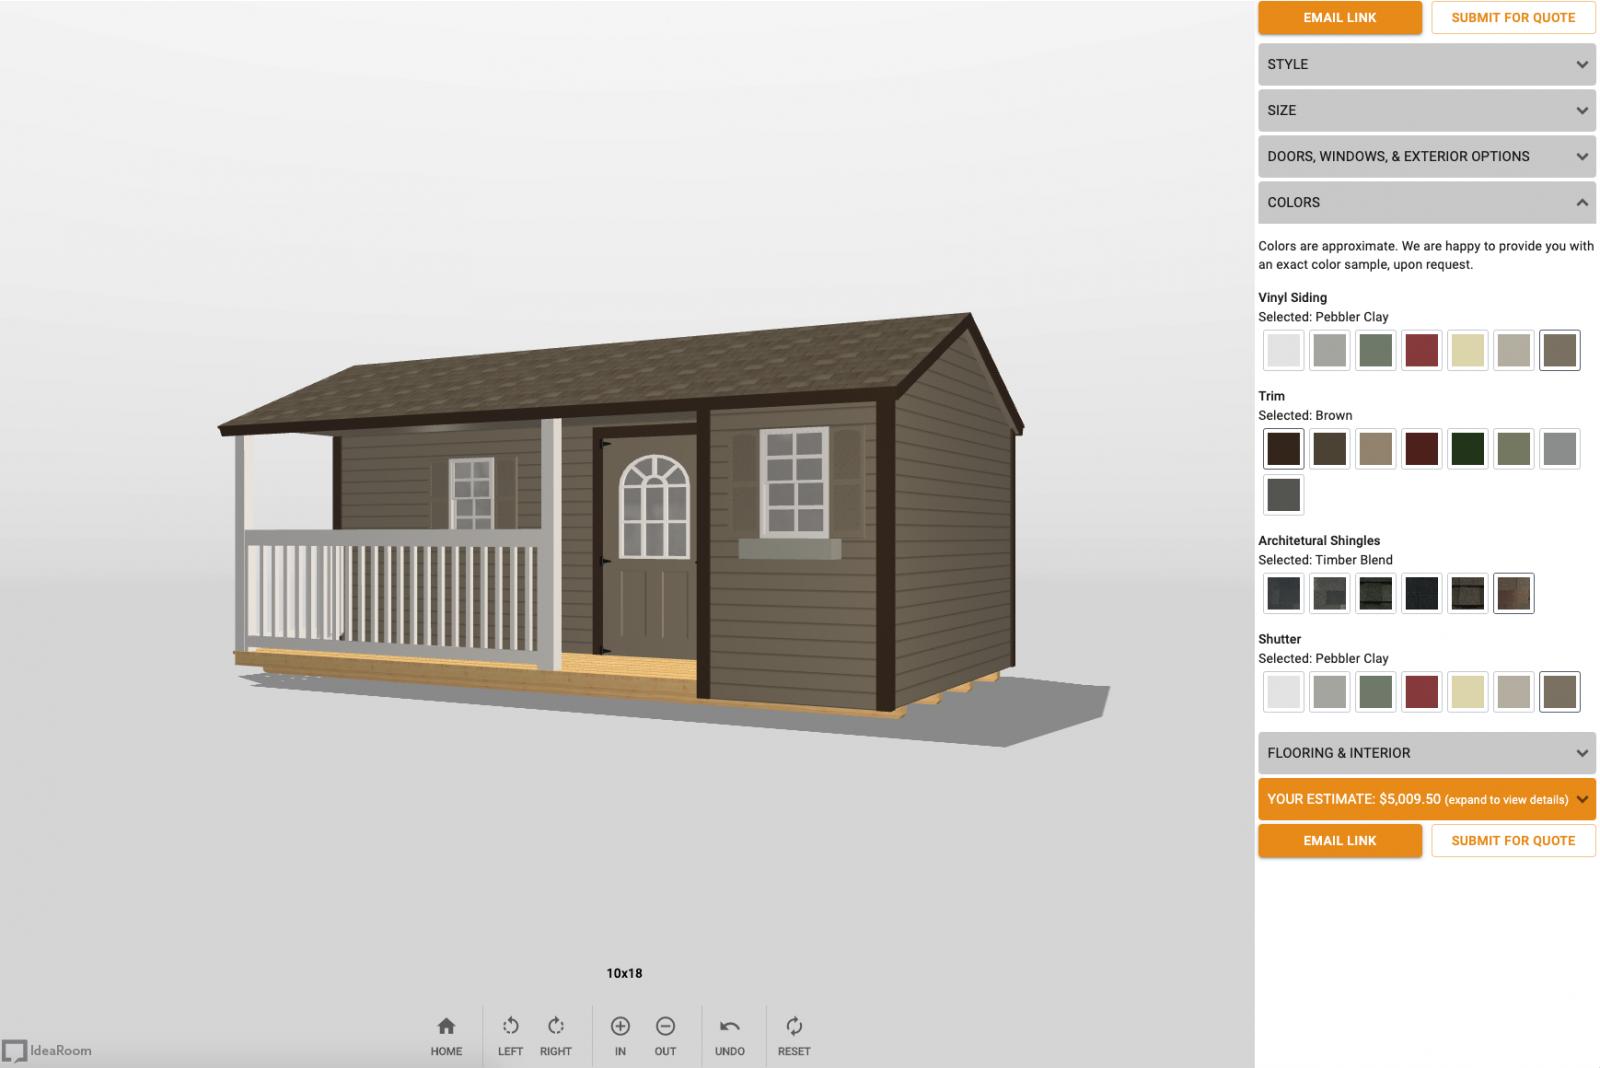 design a shed in nashville tn